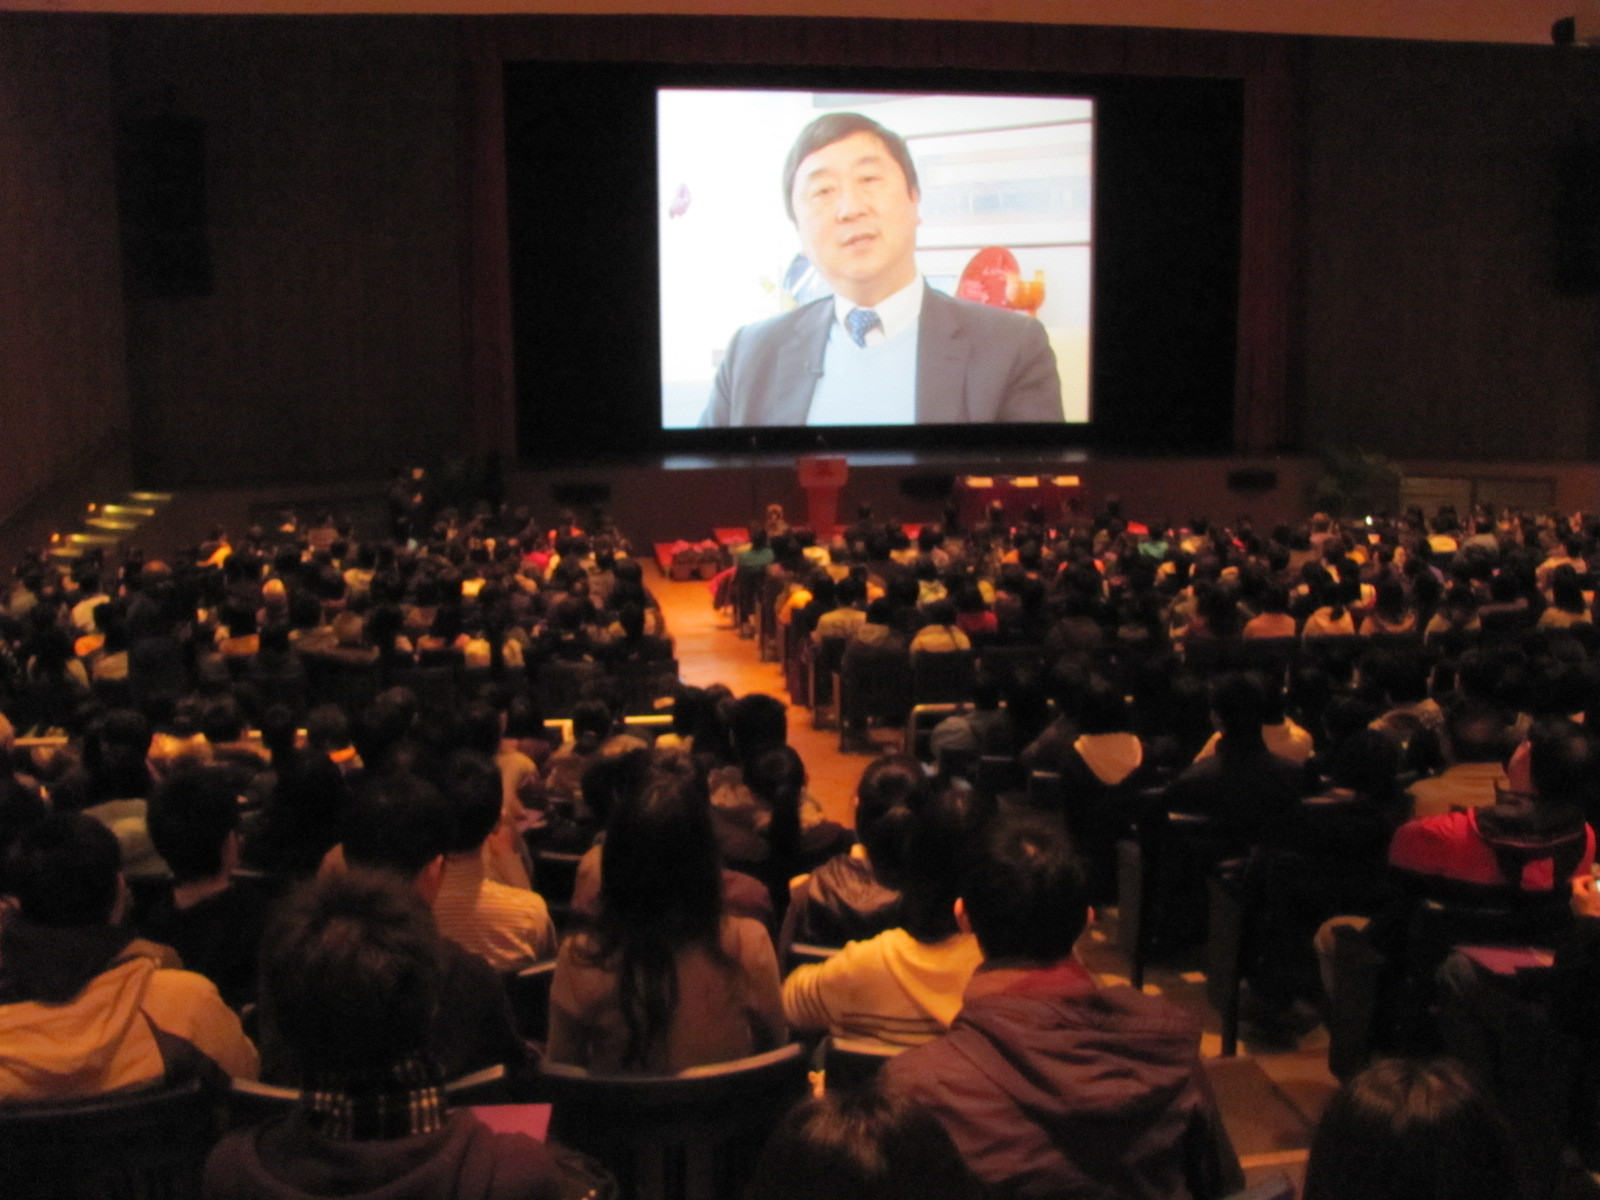 沈祖尧校长身处外地,以录像欢迎各位尖子及家长出席资讯日